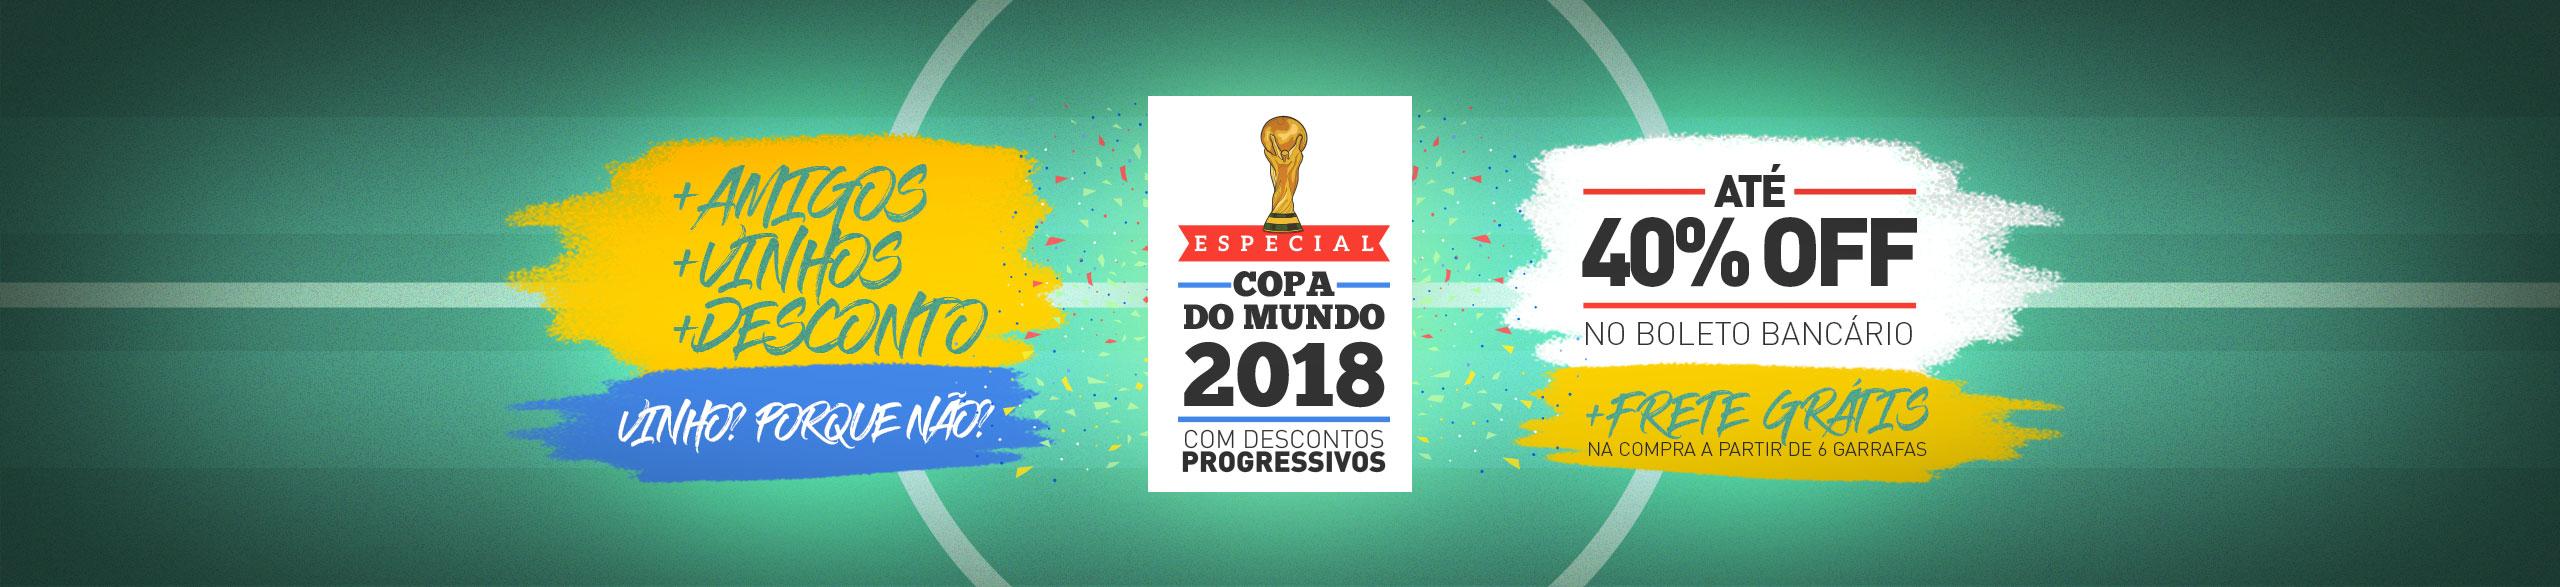 Oferta Copa do Mundo